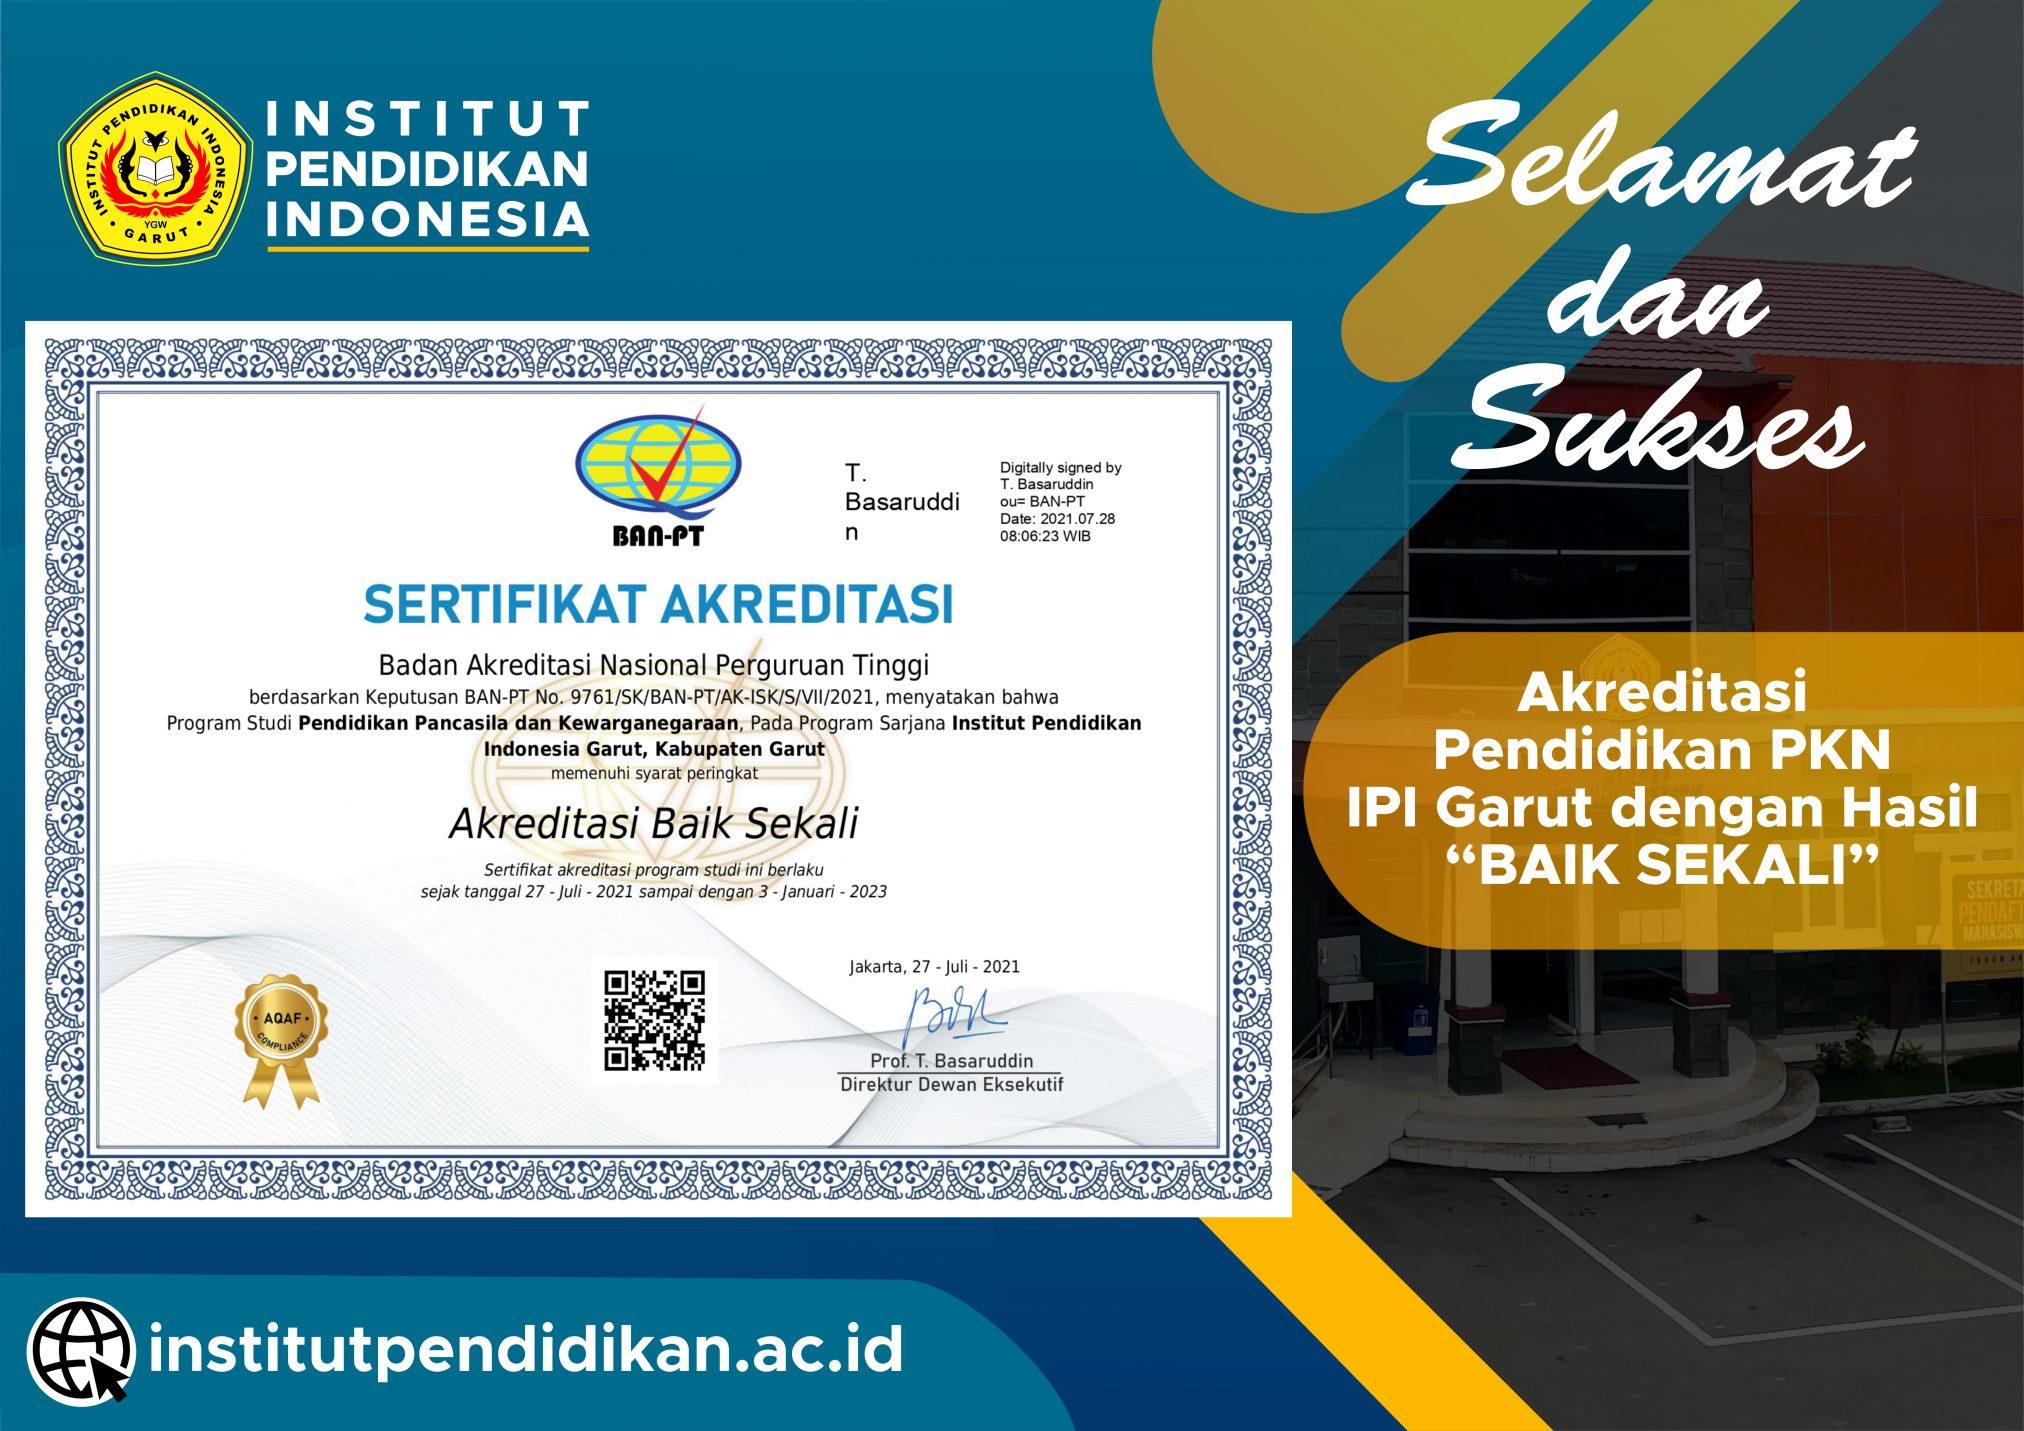 """Selamat! Prodi Pendidikan PKN meraih Akreditasi """"Baik Sekali"""""""